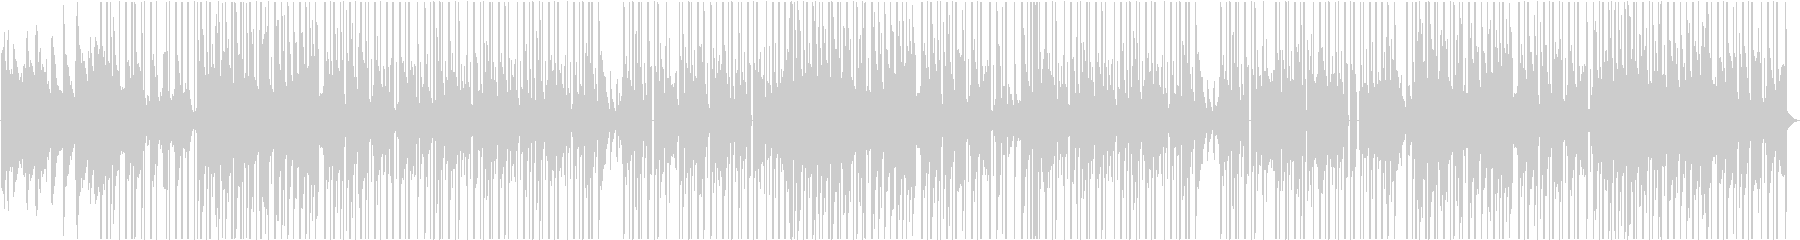 ピアノ&女性声素材が特徴のチルなビートの未再生の波形